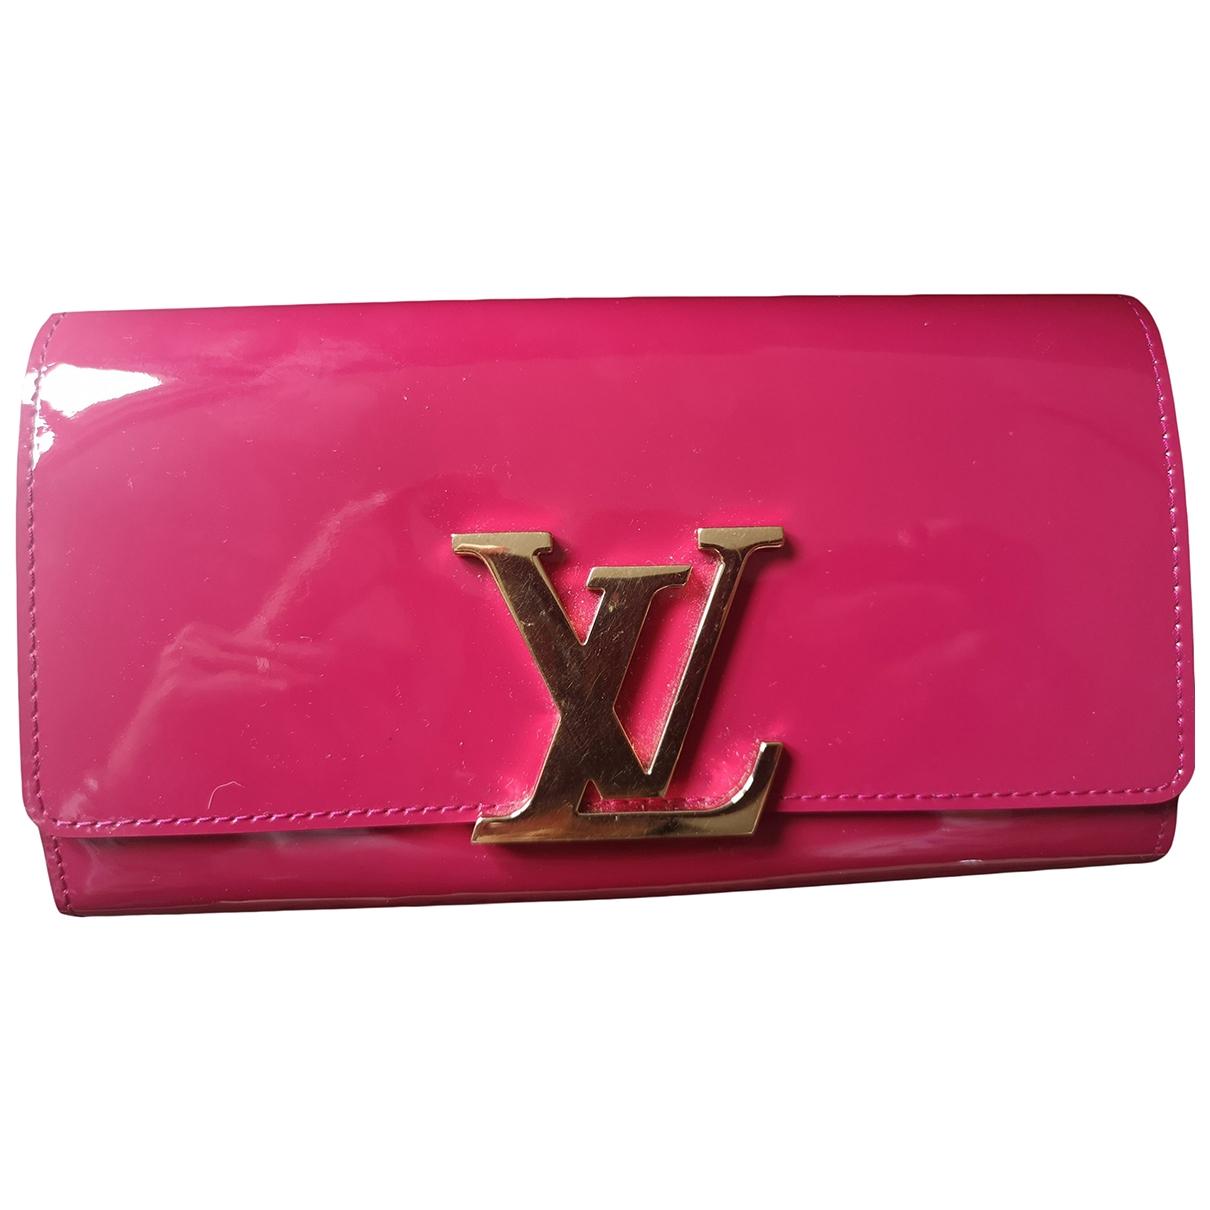 Louis Vuitton - Portefeuille Louise pour femme en cuir verni - rose